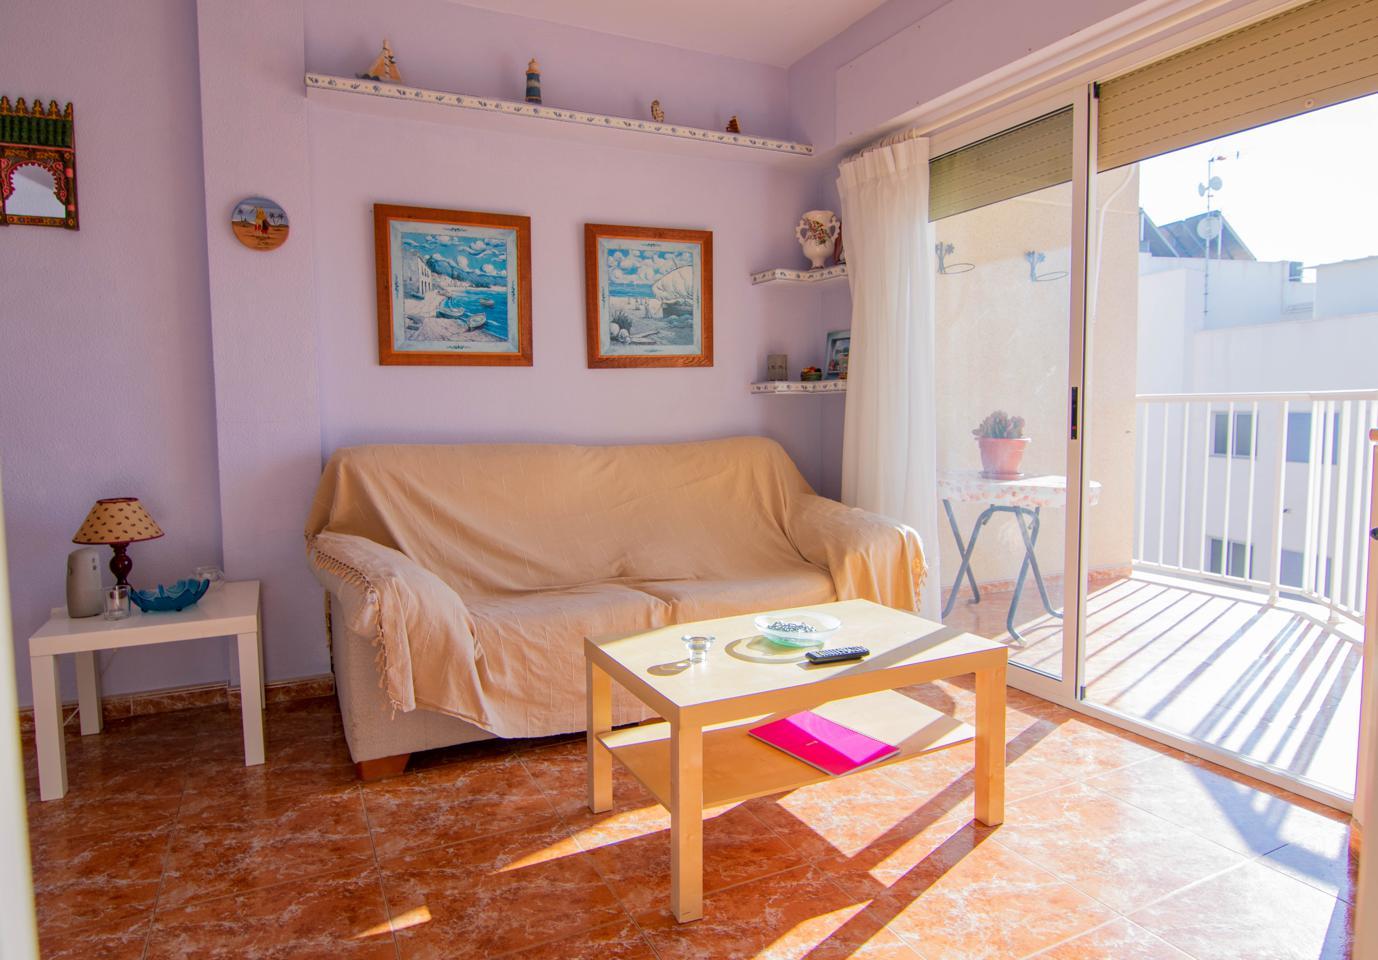 Piso en alquiler en Santa Pola, Santiago Bernabeu – #2257